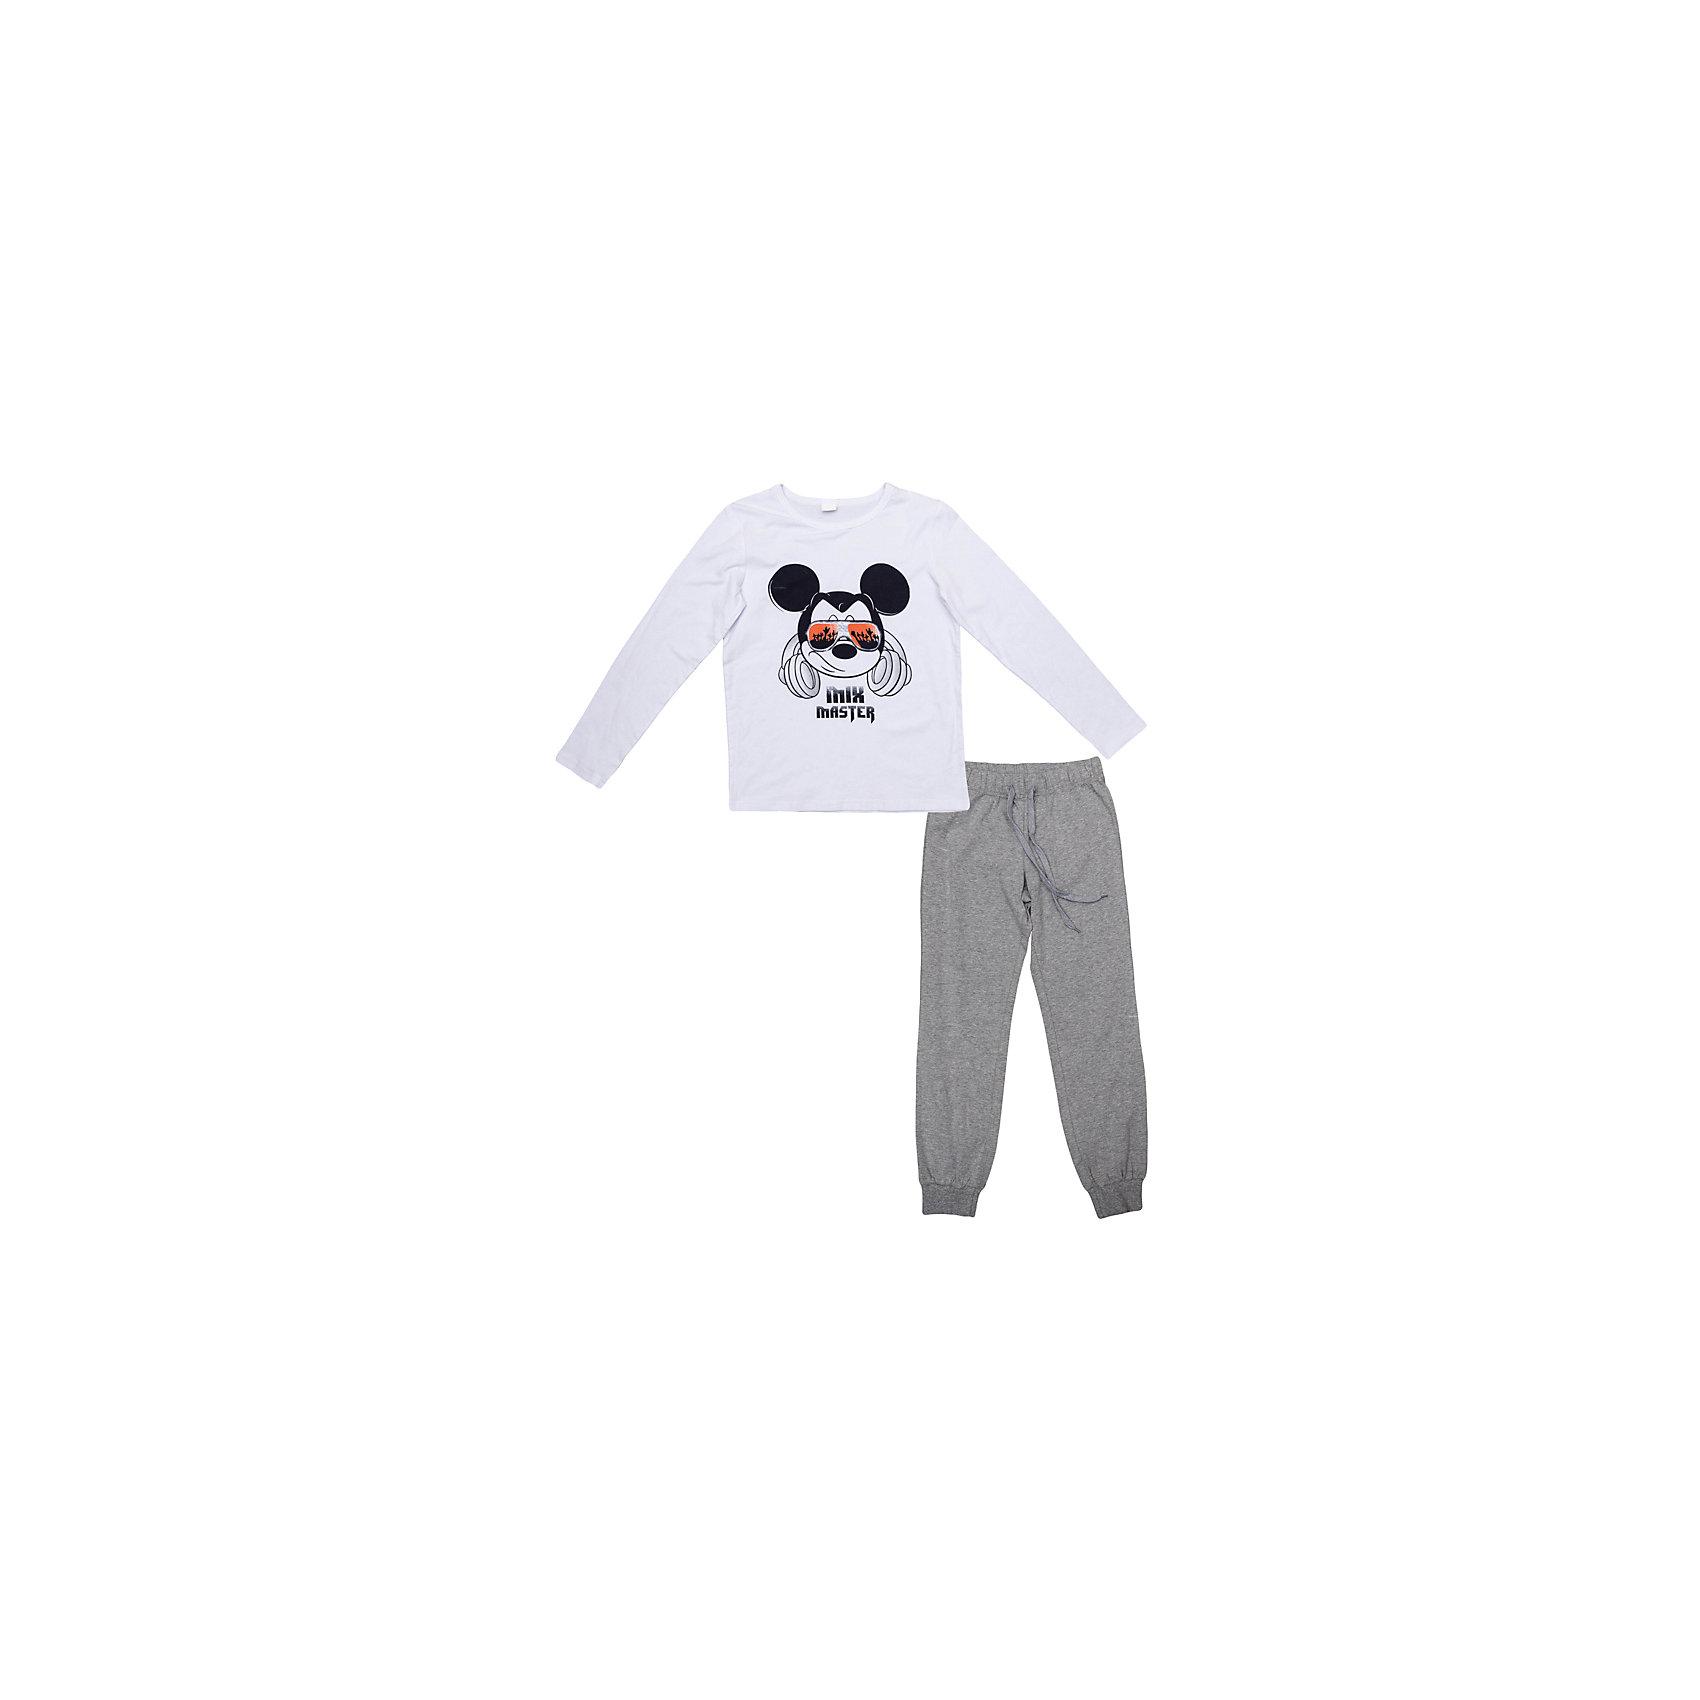 Комплект: толстовка и брюки для мальчика ScoolКомплект: толстовка и брюки для мальчика Scool – подойдет для спорта или для домашней носки.<br>Замечательный уютный хлопковый костюм из толстовки и спортивных брюк. Не сковывает движения, позволяя ребенку вести активный образ жизни. Современный и яркий дизайн. Низ брюк на резинке, а сами брюки могут регулироваться с помощью веревочки.<br><br>Дополнительная информация:<br>- материал: 95% хлопок, 5% эластан <br>- цвет: белый, серый<br><br>Комплект: толстовка и брюки для мальчика Scool можно купить в нашем интернет магазине.<br><br>Ширина мм: 215<br>Глубина мм: 88<br>Высота мм: 191<br>Вес г: 336<br>Цвет: серый<br>Возраст от месяцев: 132<br>Возраст до месяцев: 144<br>Пол: Мужской<br>Возраст: Детский<br>Размер: 158,134,164,140,146,152<br>SKU: 4912249